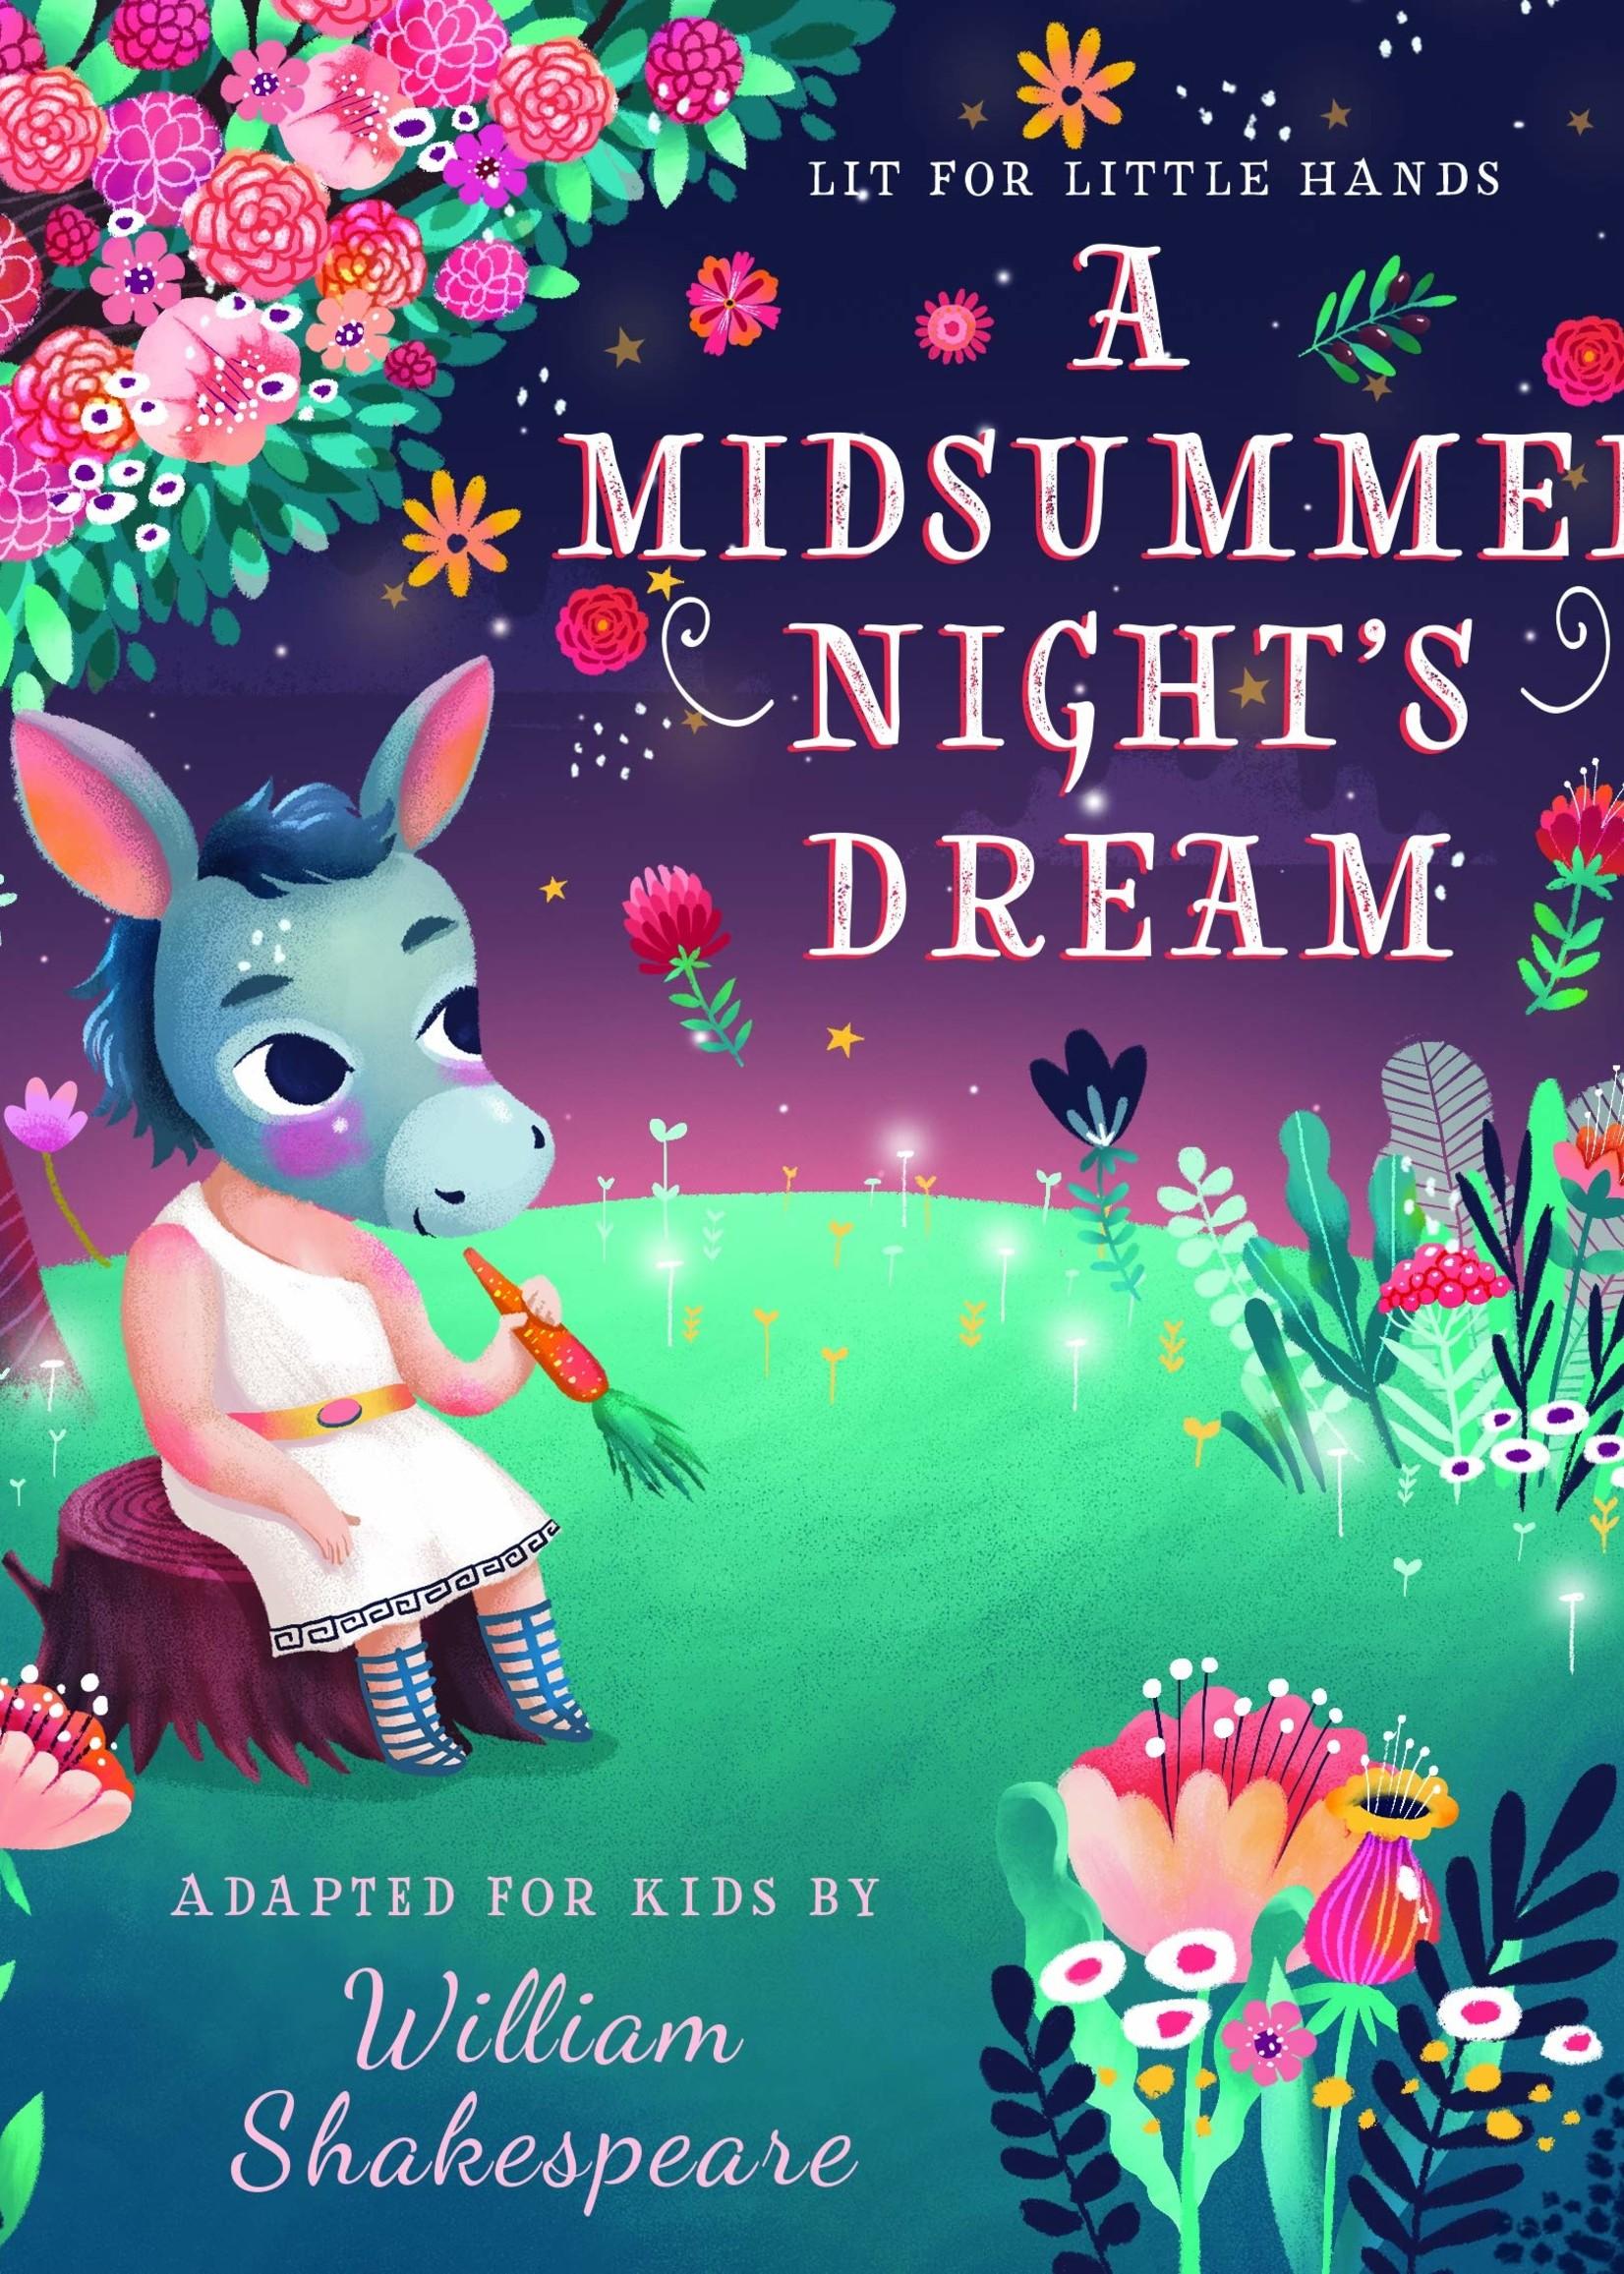 Lit For Little Hands: A Midsummer Night's Dream - Board Book